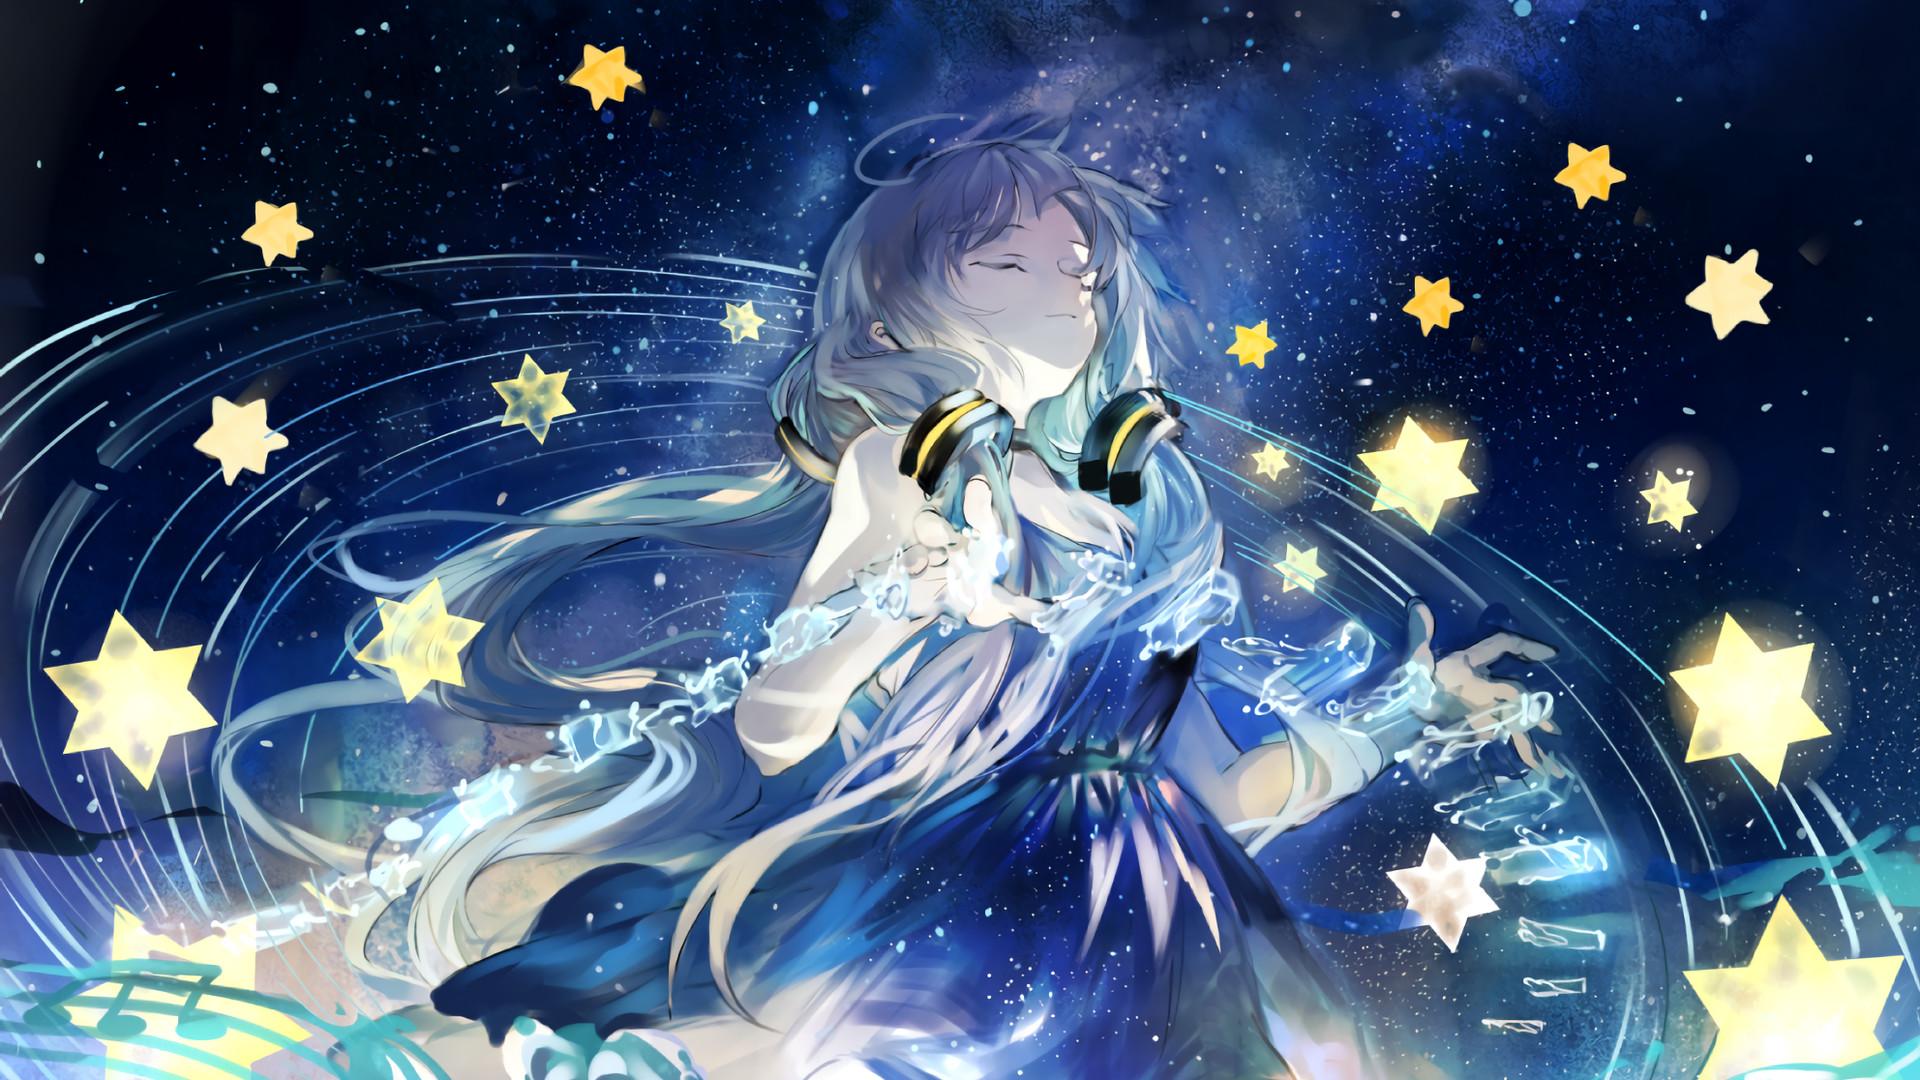 Stardust – vocaloid   Anime/Manga   Pinterest   Vocaloid, Wallpaper  backgrounds and Wallpaper